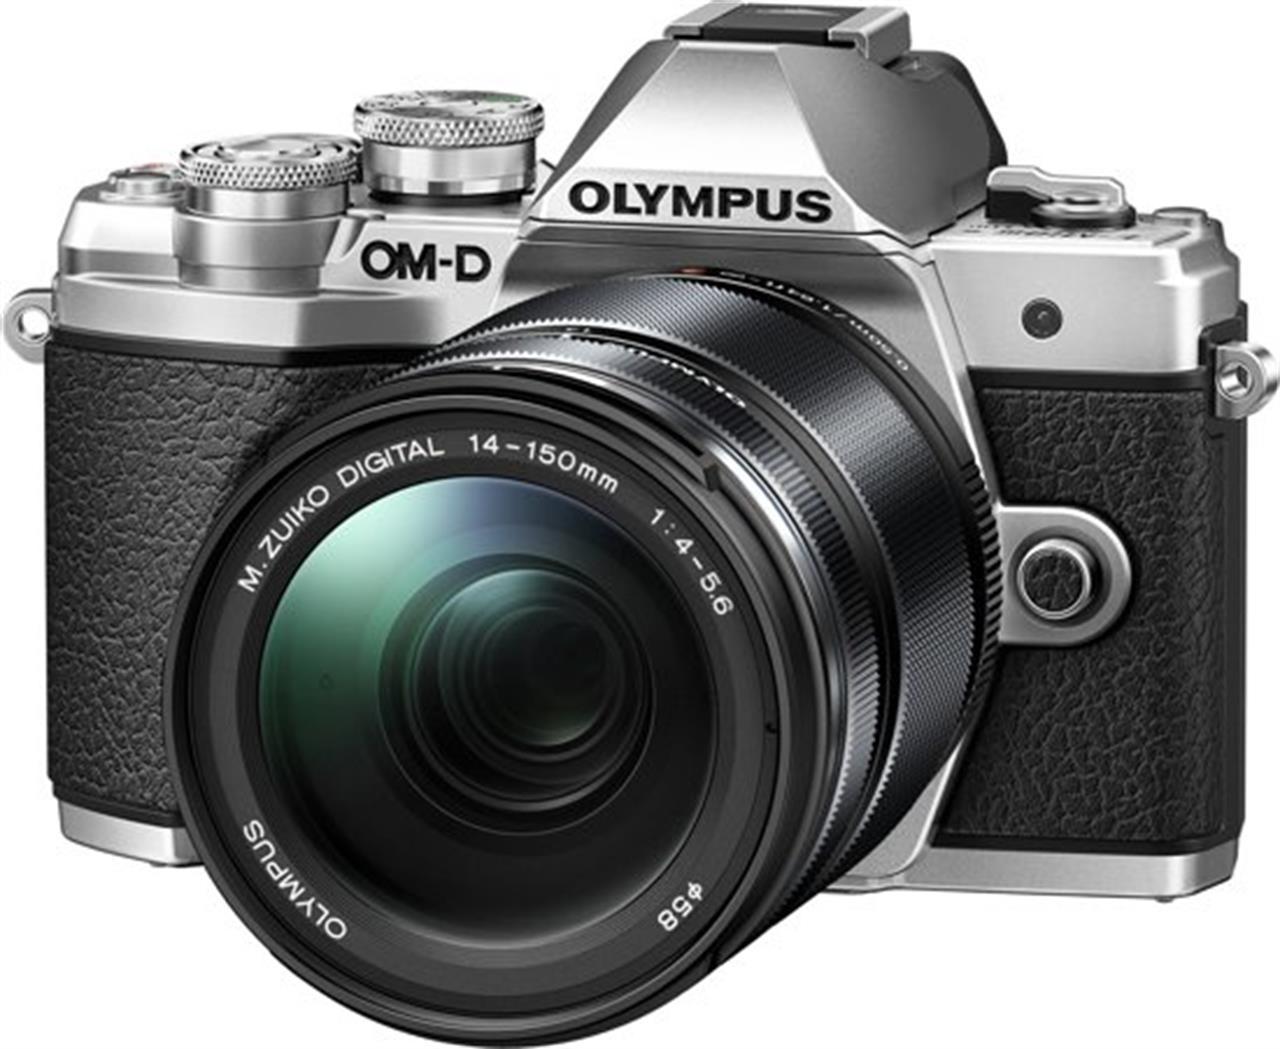 4046628432836__olympus-om-d-em-10-iii-zilver-14-150mm.jpg